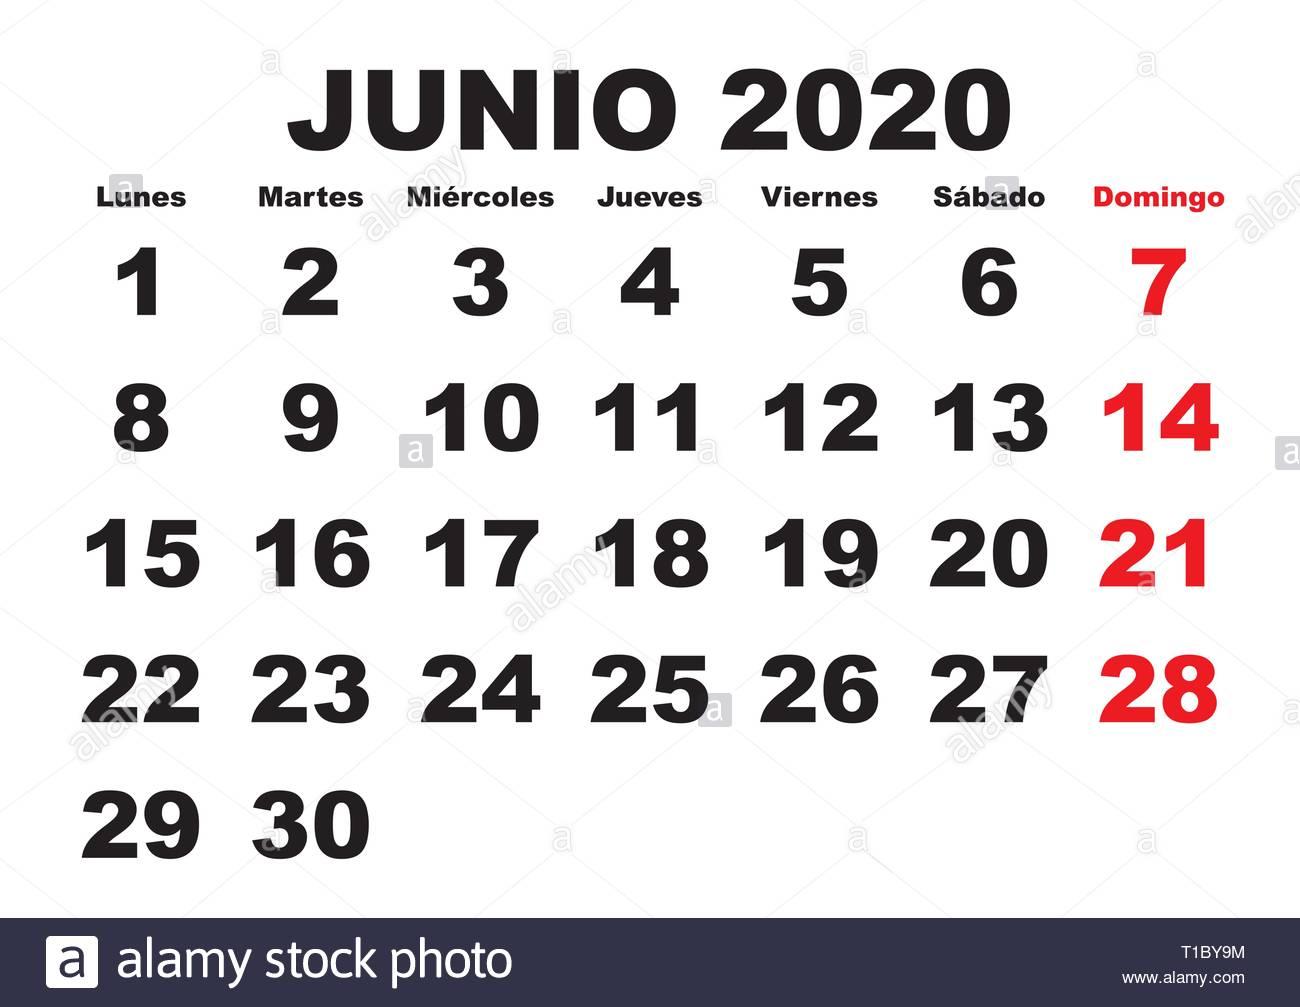 Calendario Maggio Giugno 2020.Calendario 2020 Immagini Calendario 2020 Fotos Stock Alamy